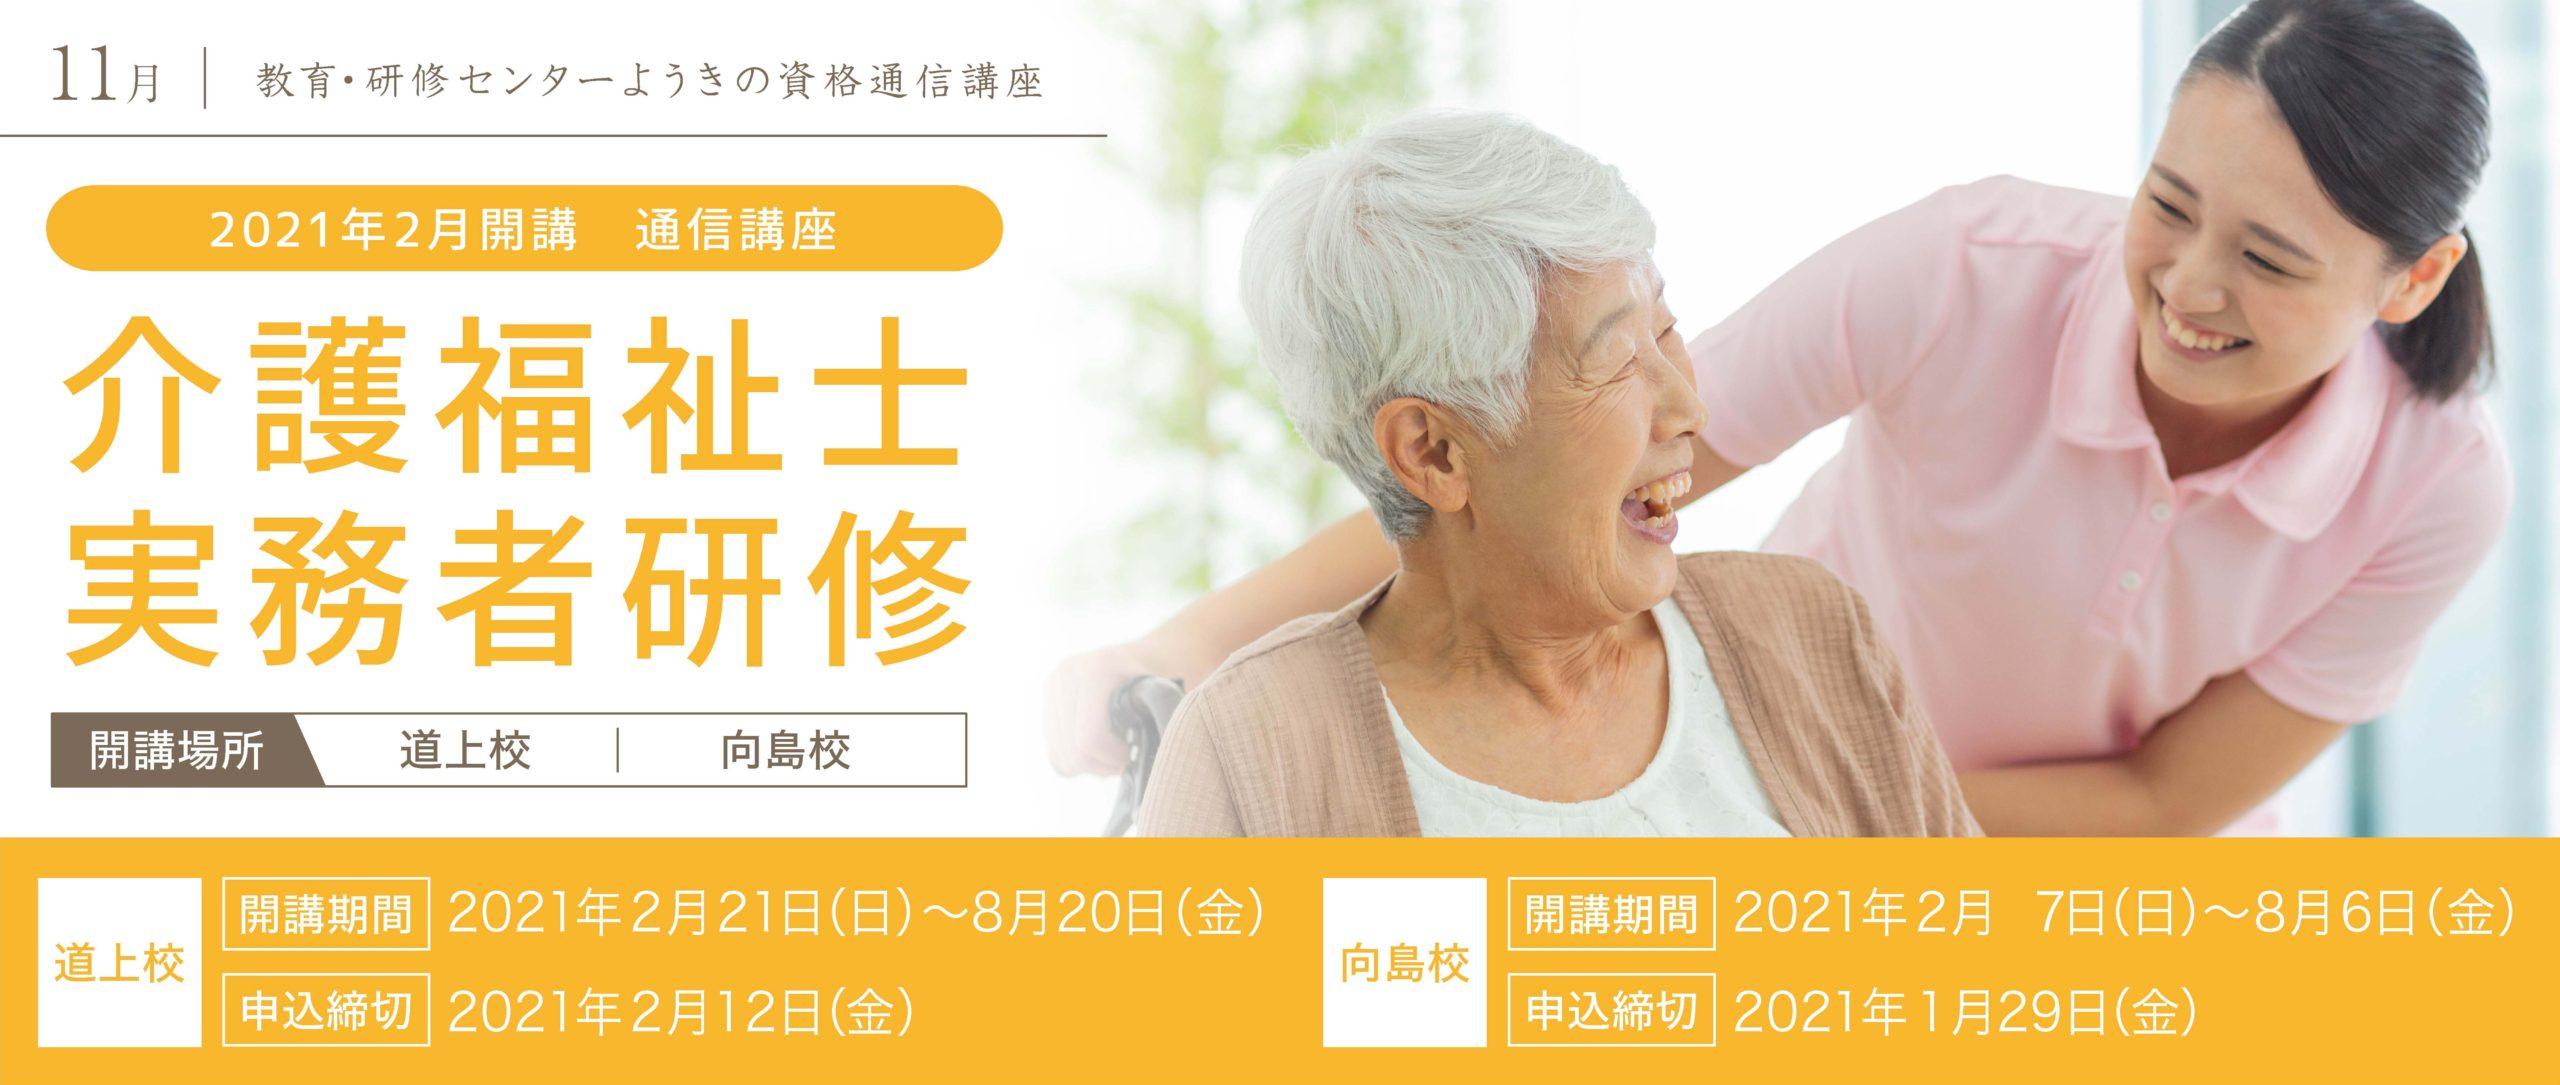 介護福祉士実務者研修 2021年2月開講